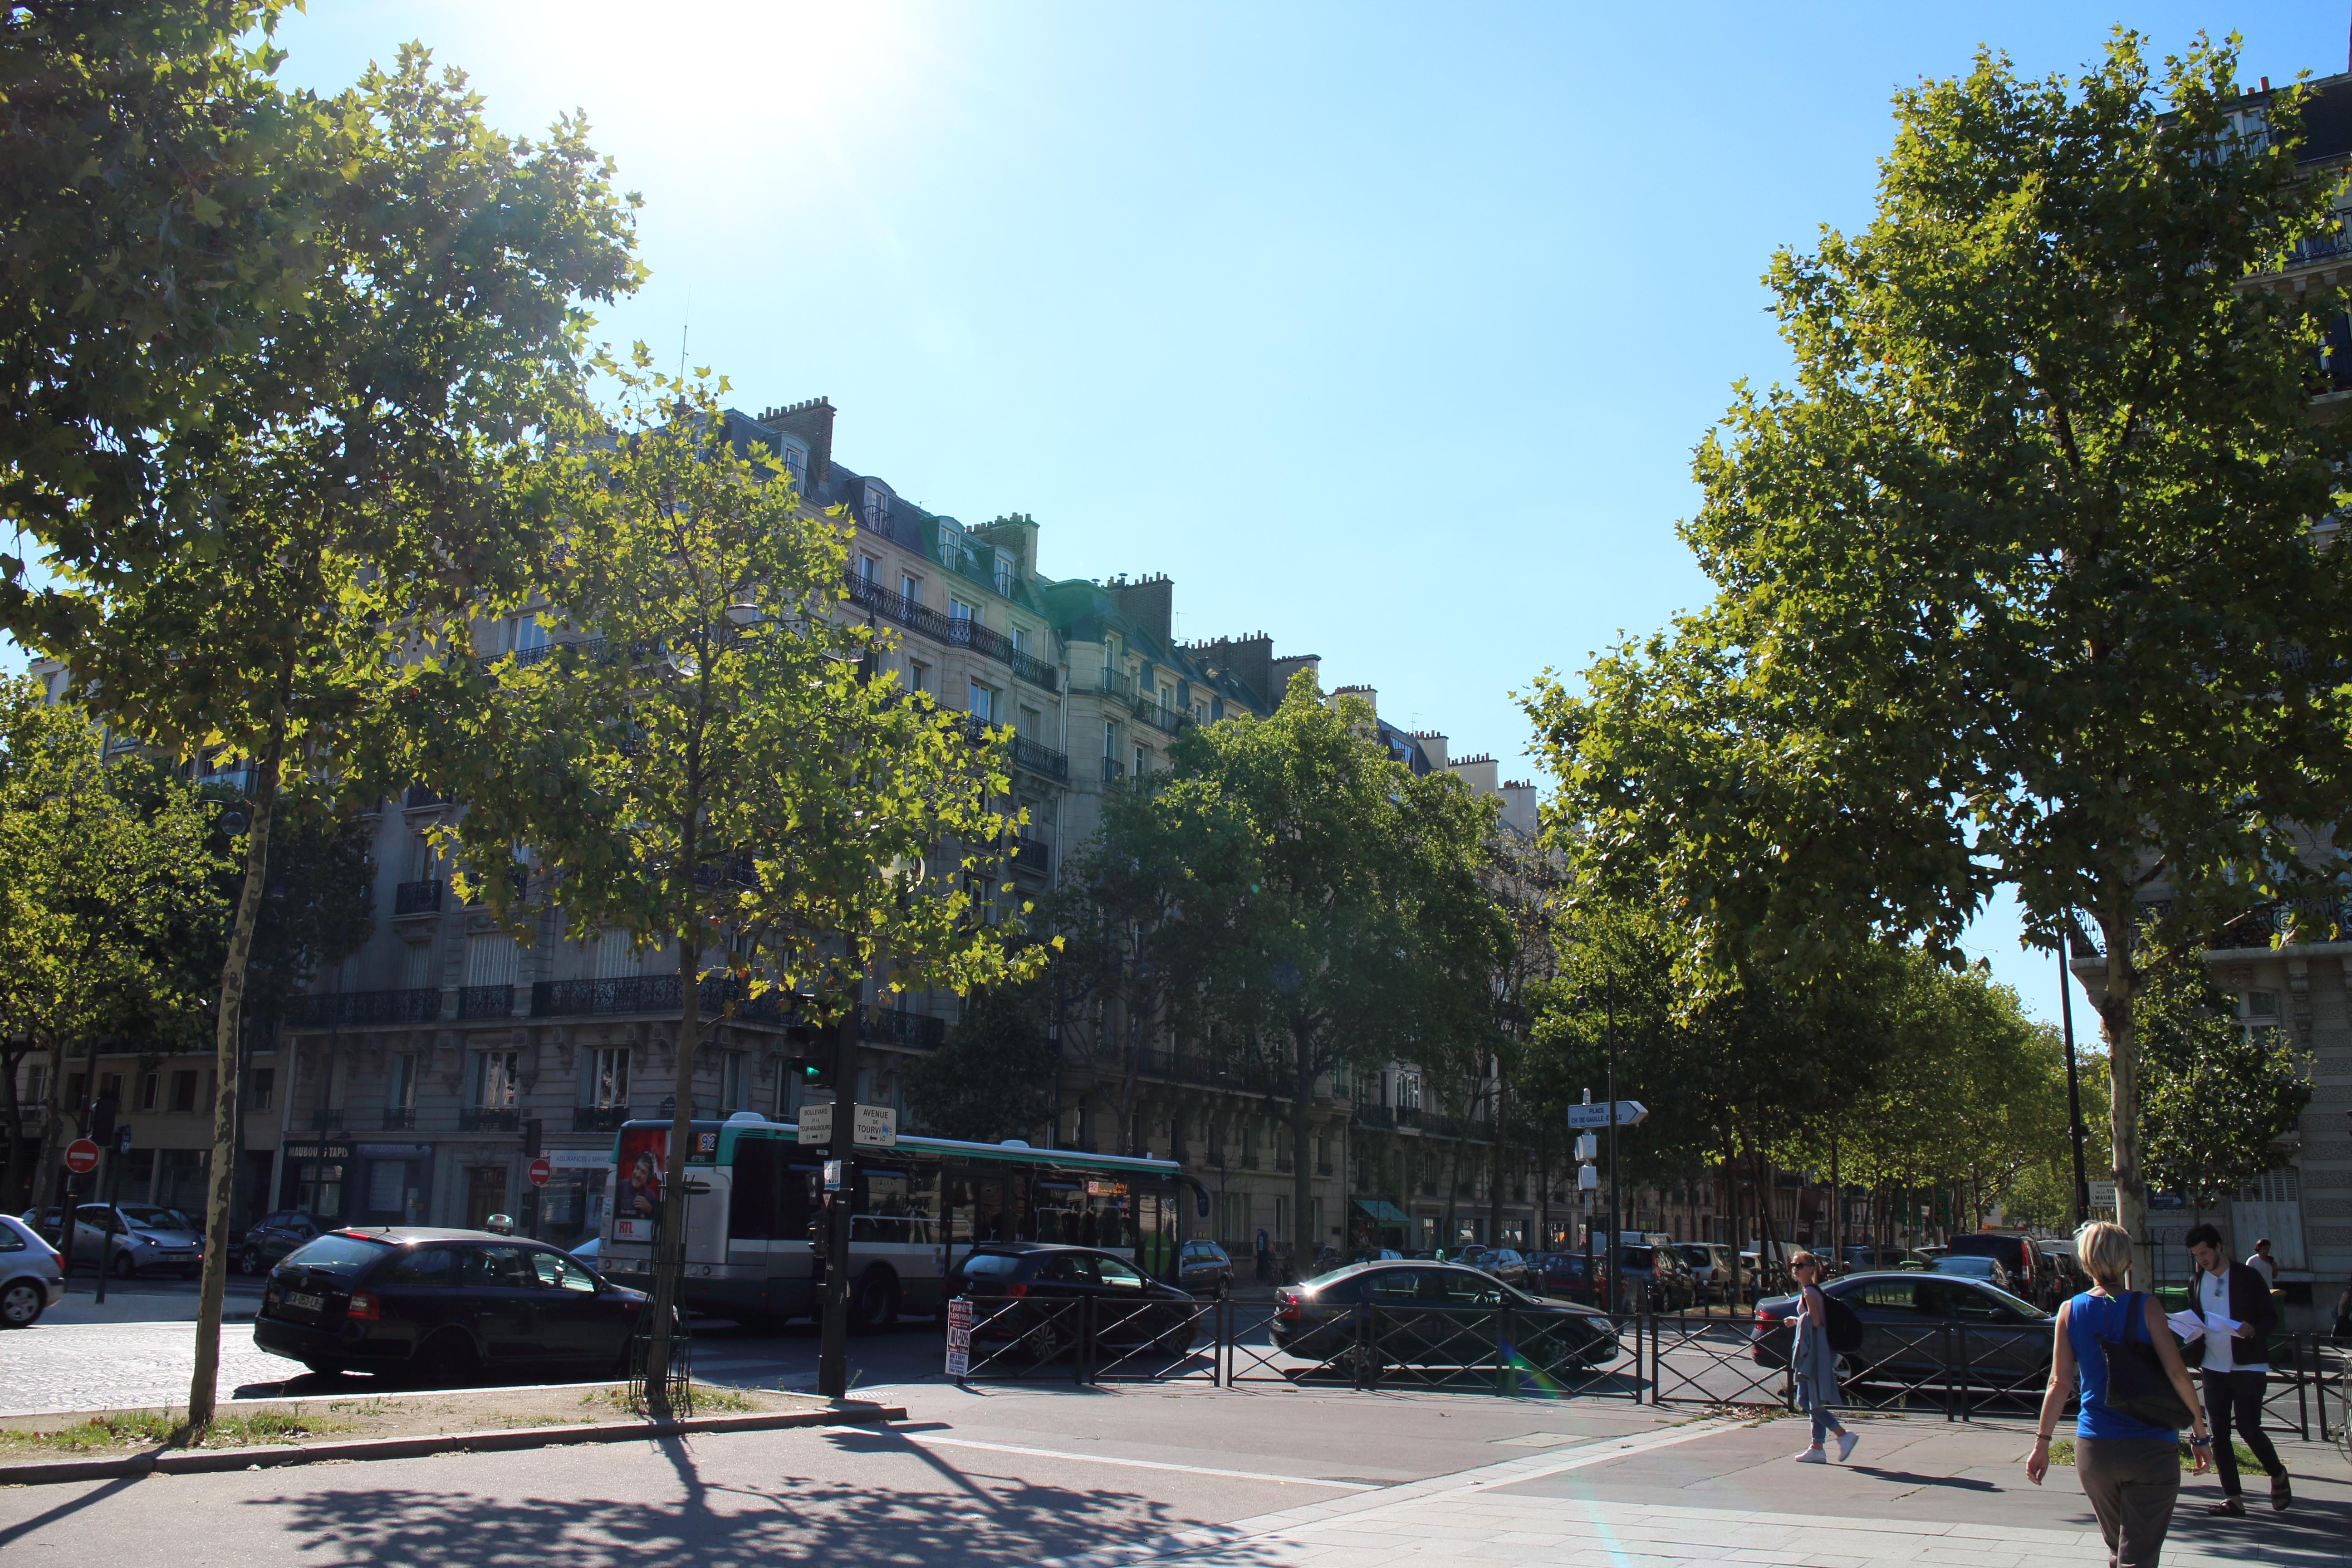 パリで猫を探す本『猫をさがして-パリ20区芸術散歩』